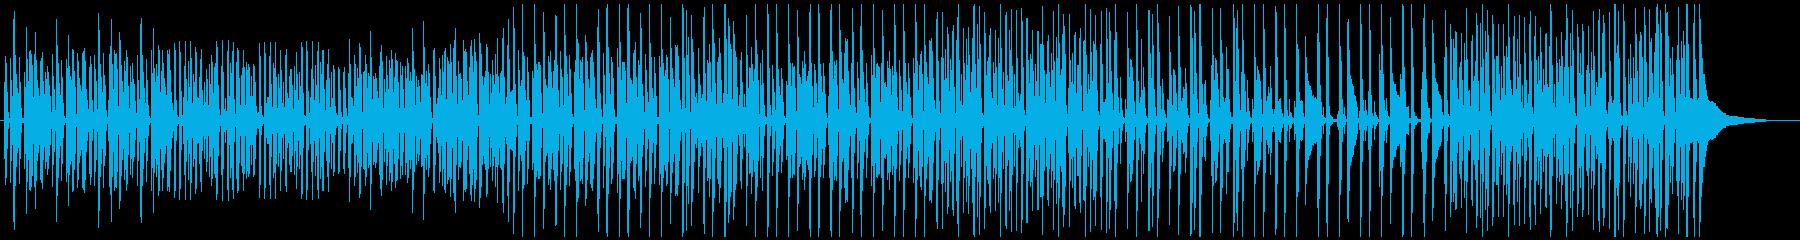 日常-クッキング雑談のまったりポップ♫の再生済みの波形